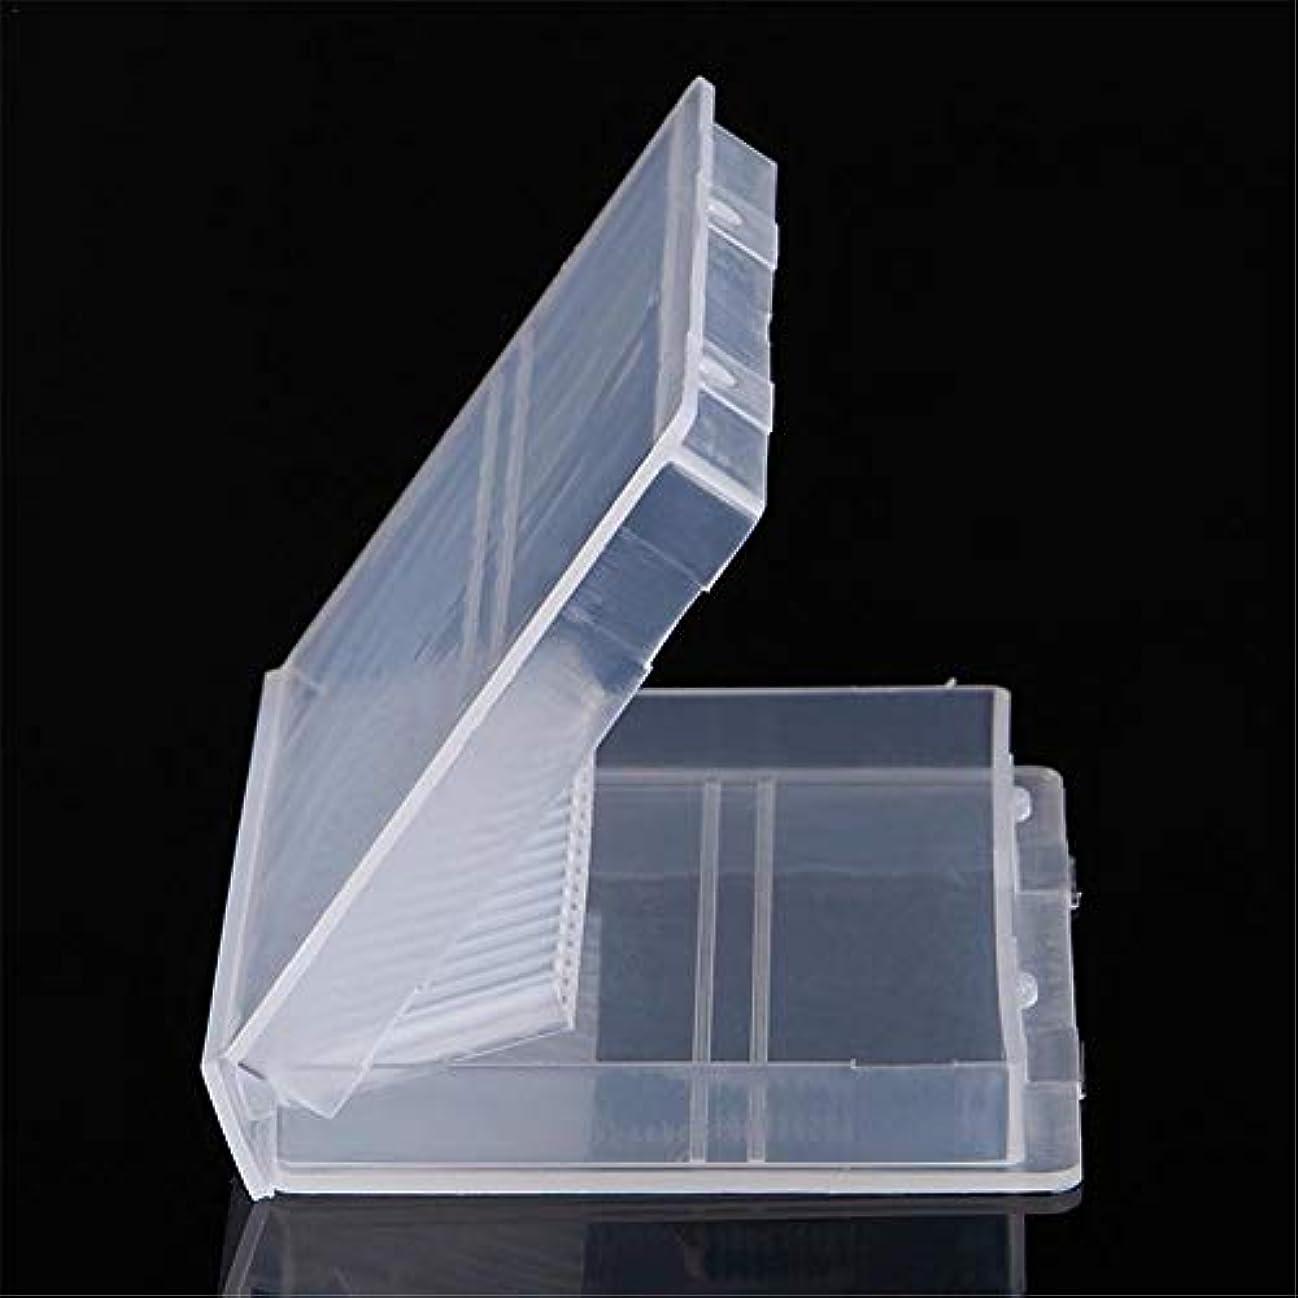 コットン筋肉のぬれたRuier-tong ネイルドリル 収納ケース ネイルビッドセット 研削ネイル用 透明 プラスチック 20穴 ネイル研削ヘッド収納ボックス